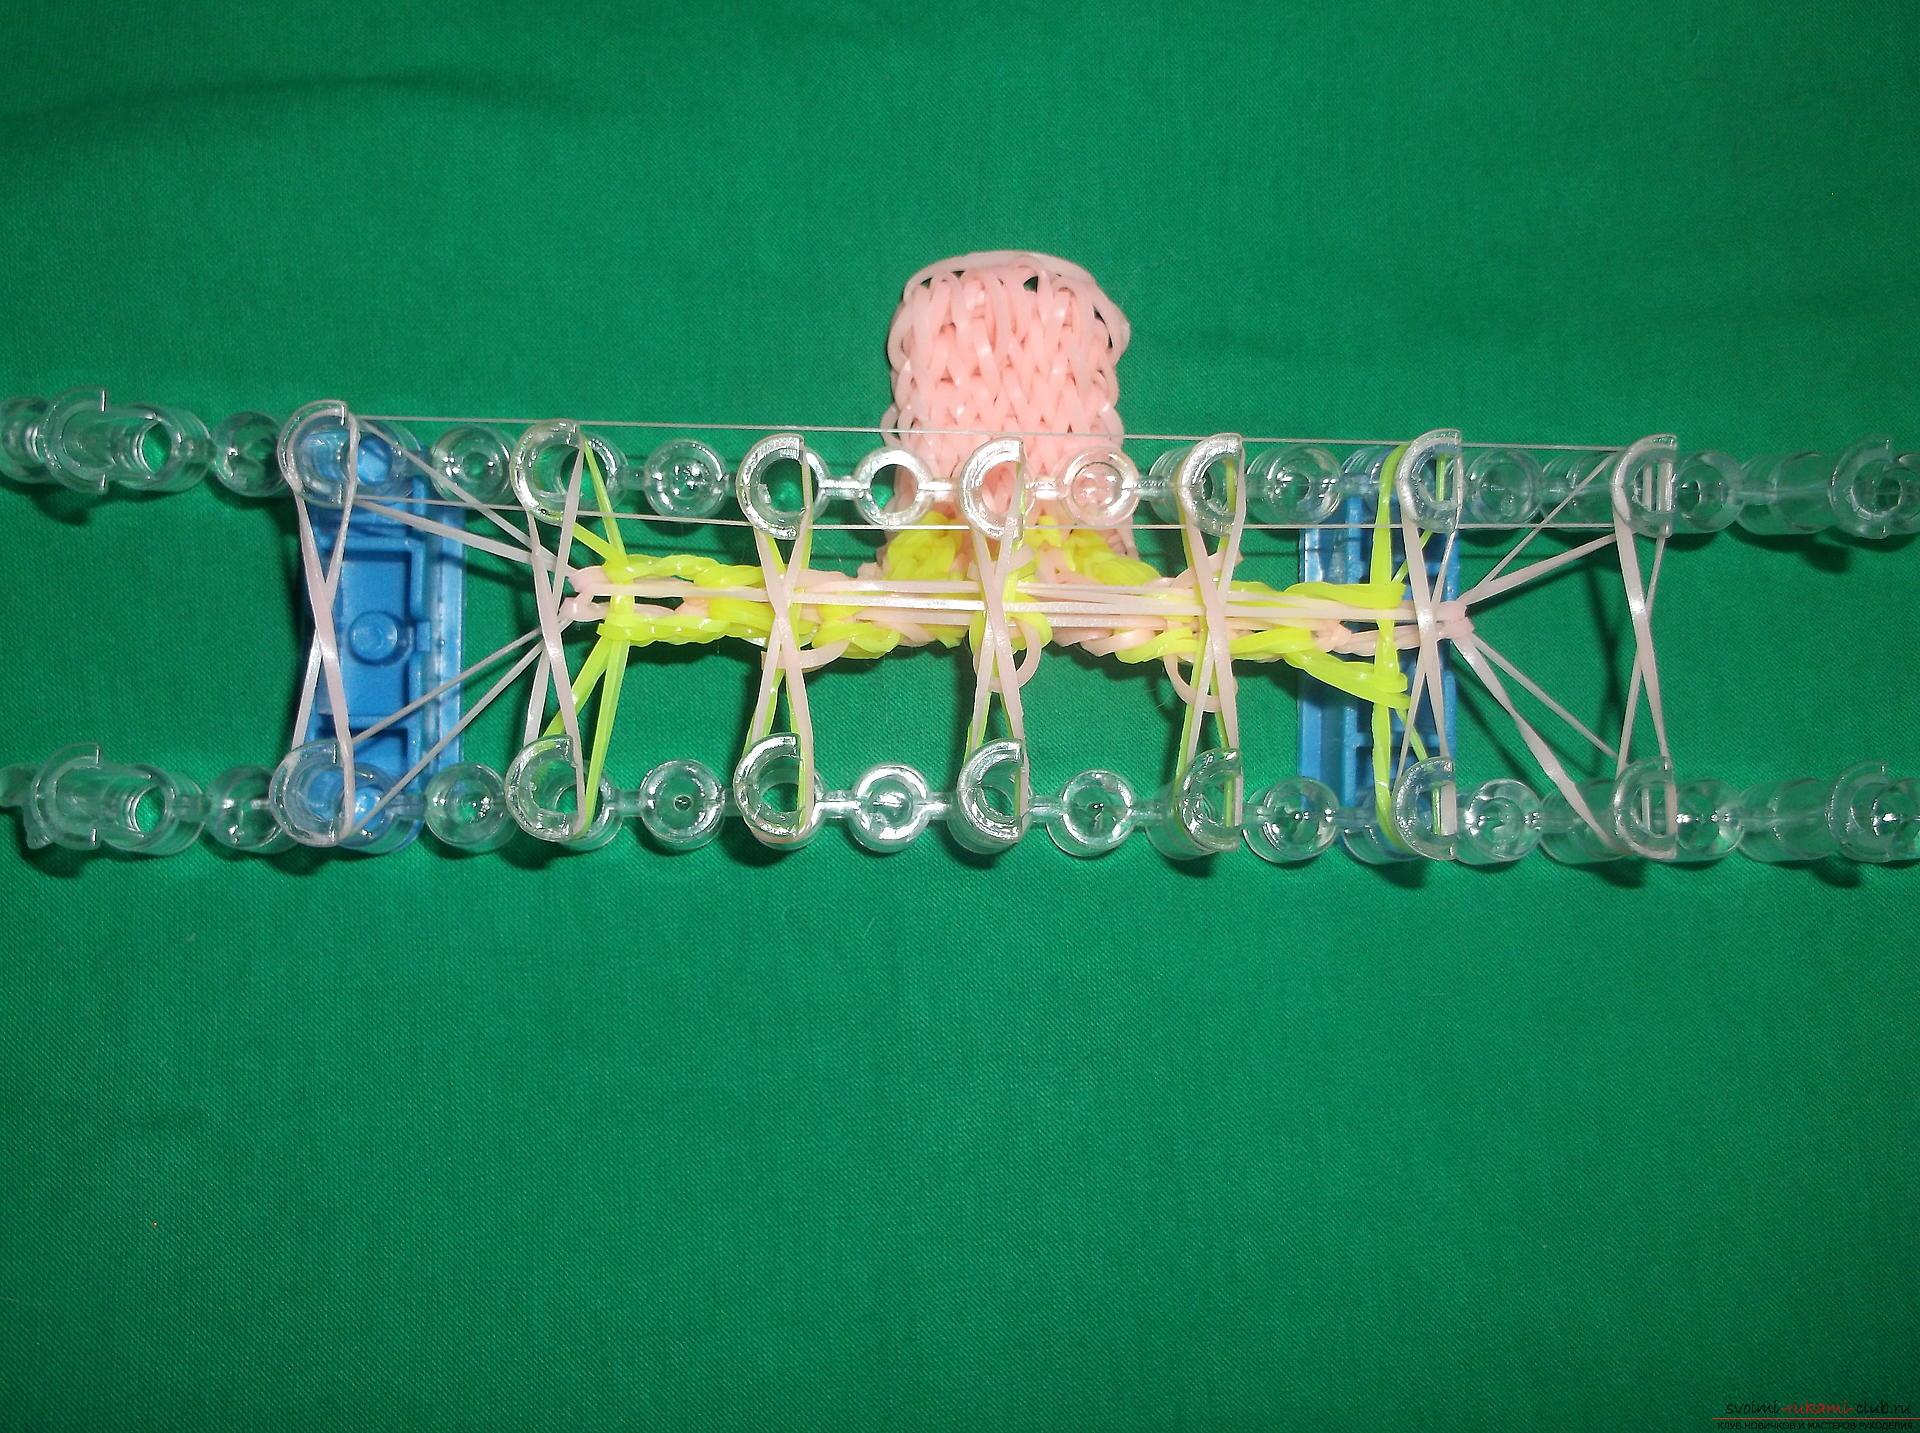 Как сплести браслет из резиночек с надписью 2016? Урок по плетению браслета с пошаговыми рекомендациями и фото